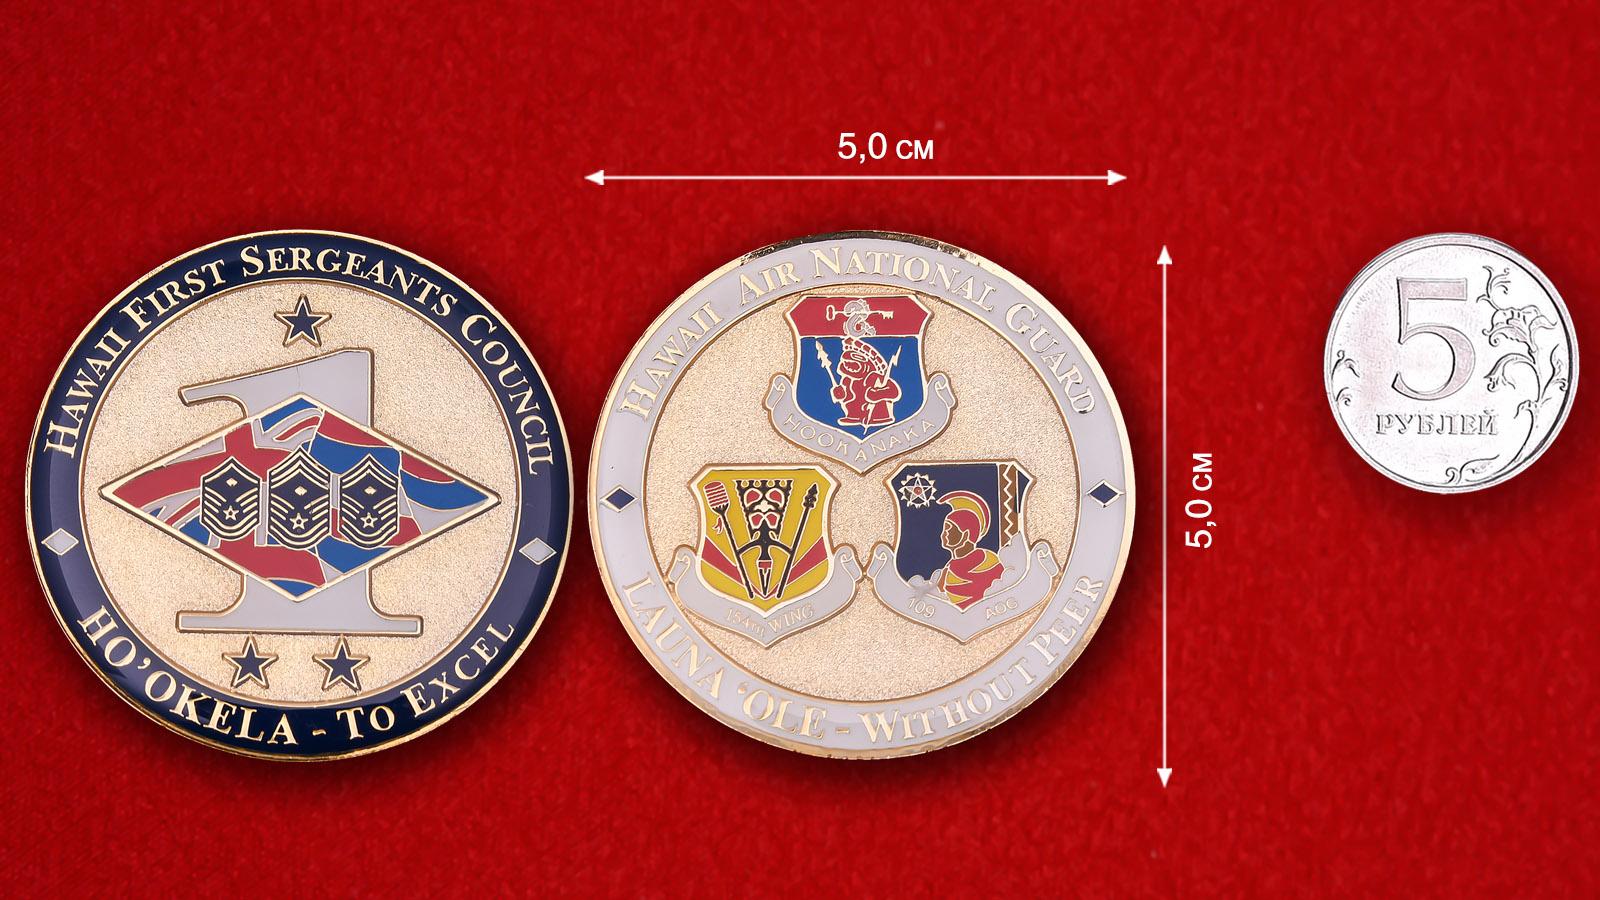 Челлендж коин Совета сержантского состава авиации Национальной гвардии США на Гаваях